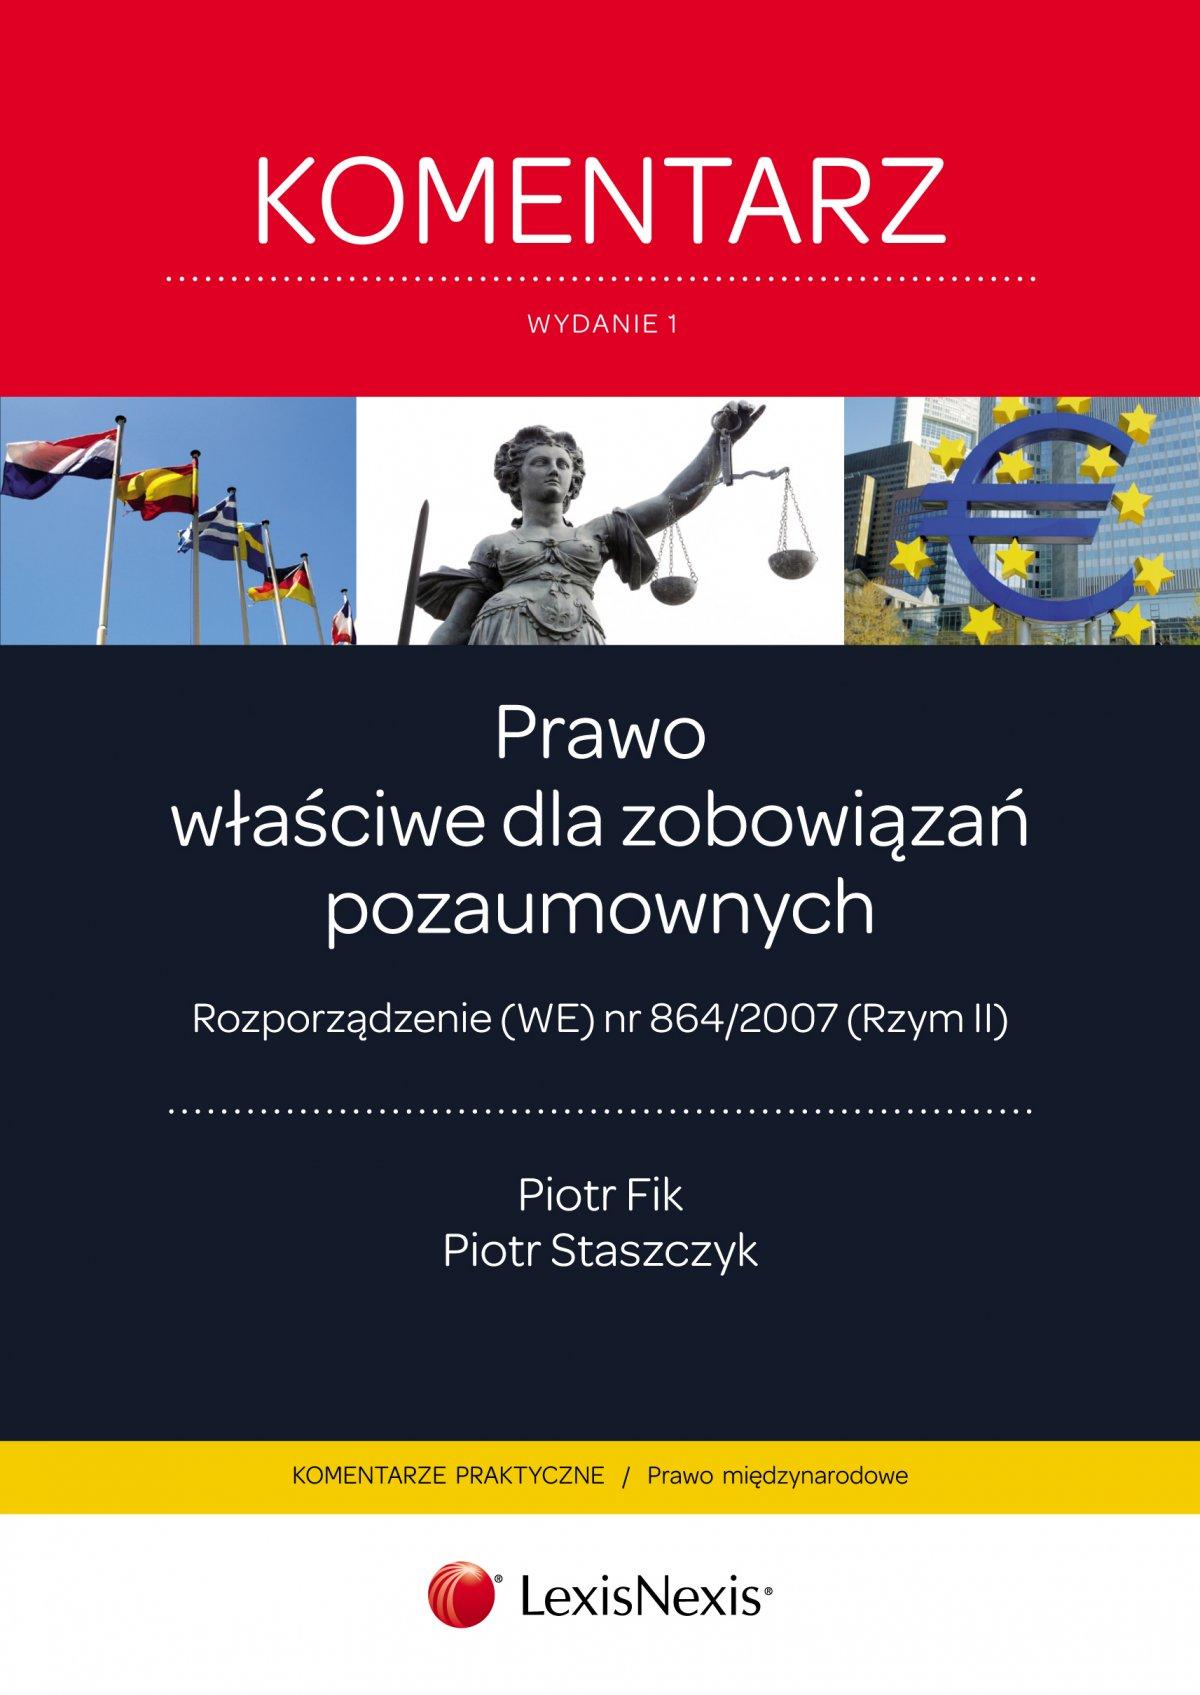 Prawo właściwe dla zobowiązań pozaumownych. Rozporządzenie (WE) nr 864/2007 (Rzym II). Komentarz. Wydanie 1 - Ebook (Książka EPUB) do pobrania w formacie EPUB